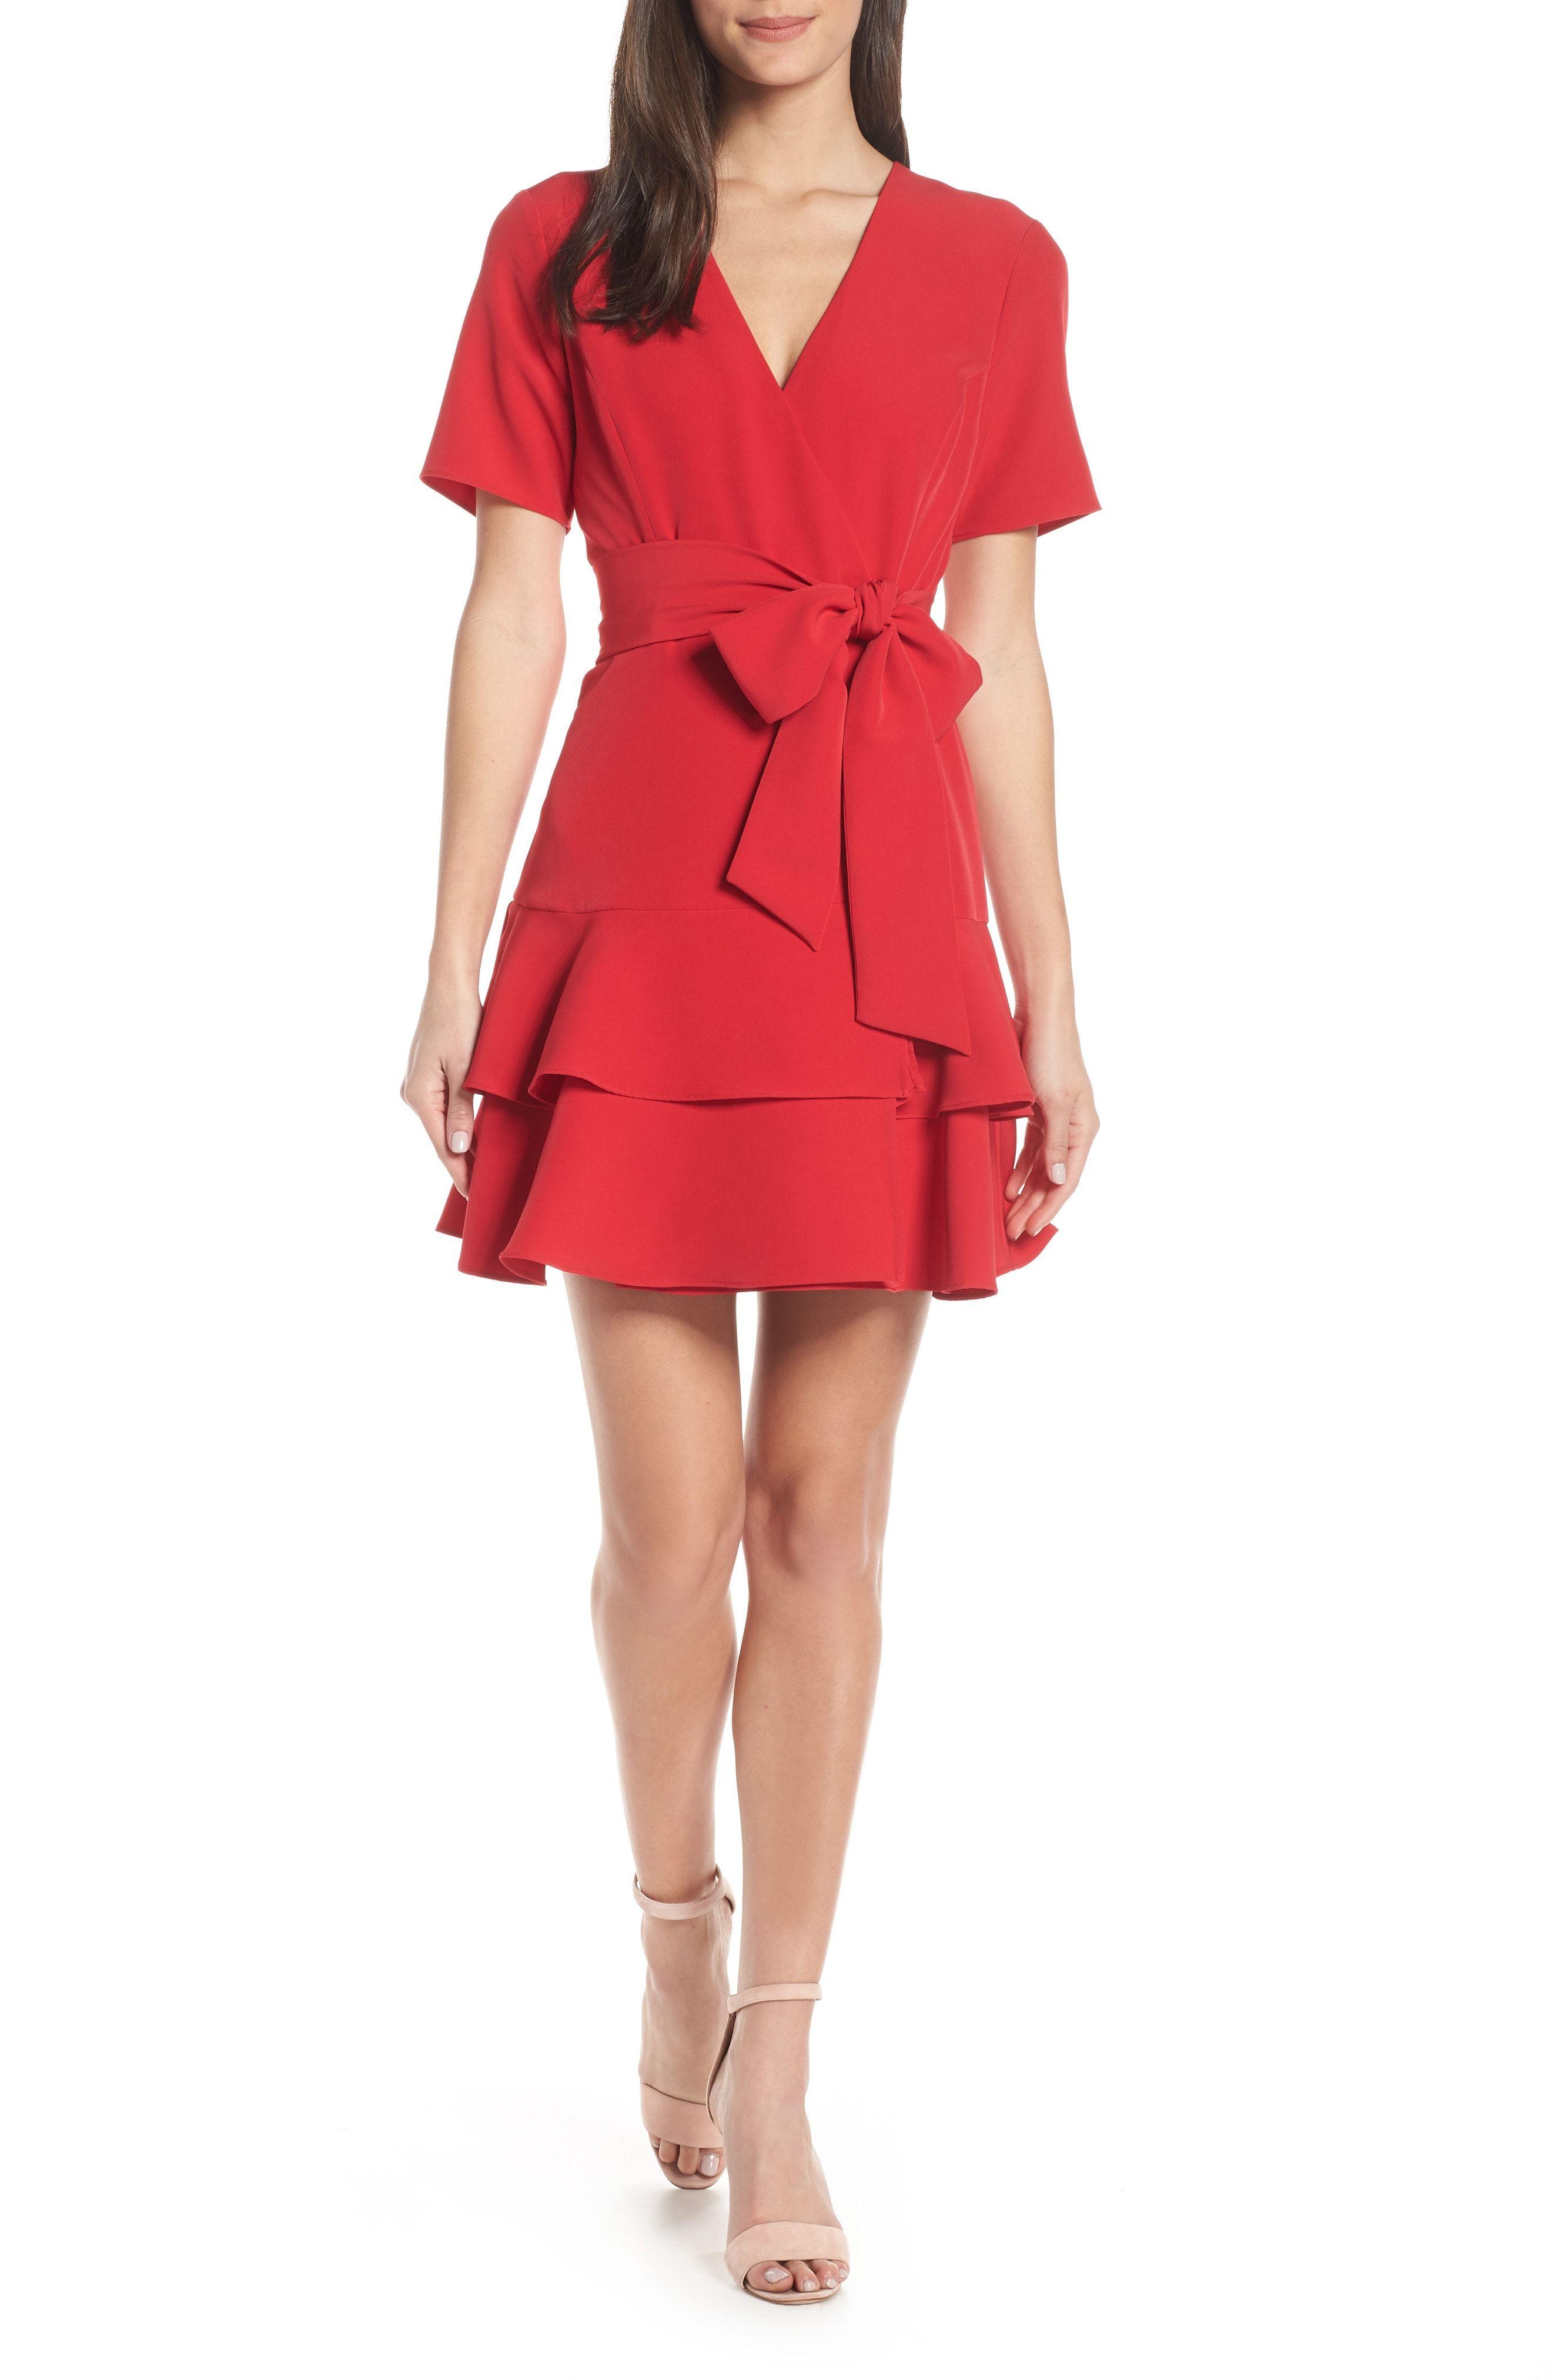 5f46f370f7 25 Chic Kentucky Derby Dresses 2019 - Best Derby Day Dress Ideas for Women